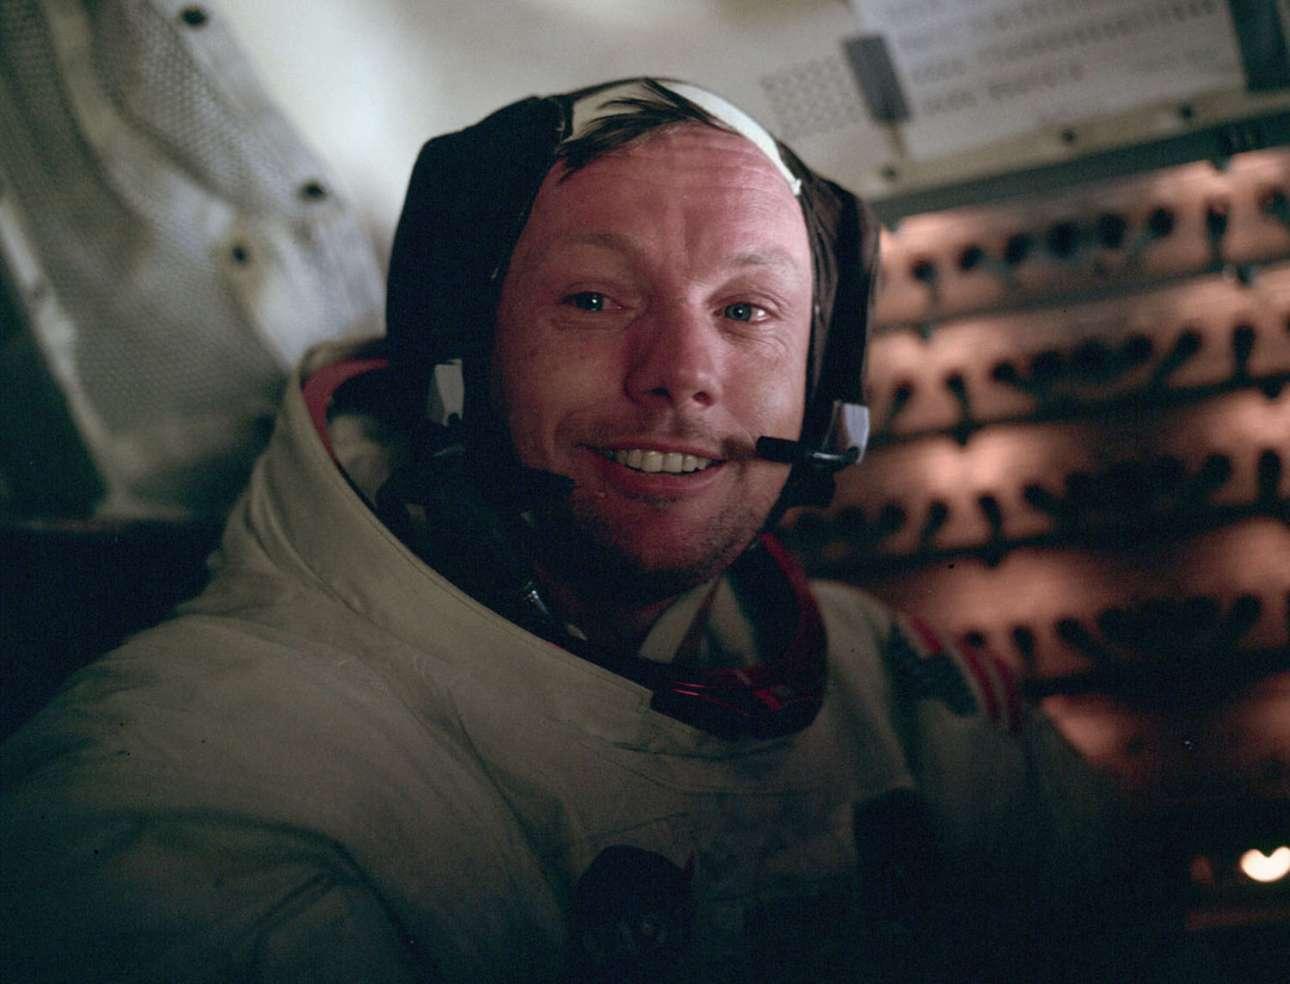 Ο Νιλ Αρμστρονγκ εμφανώς συγκινημένος μετά την ιστορική του βόλτα πάνω στη Σελήνη